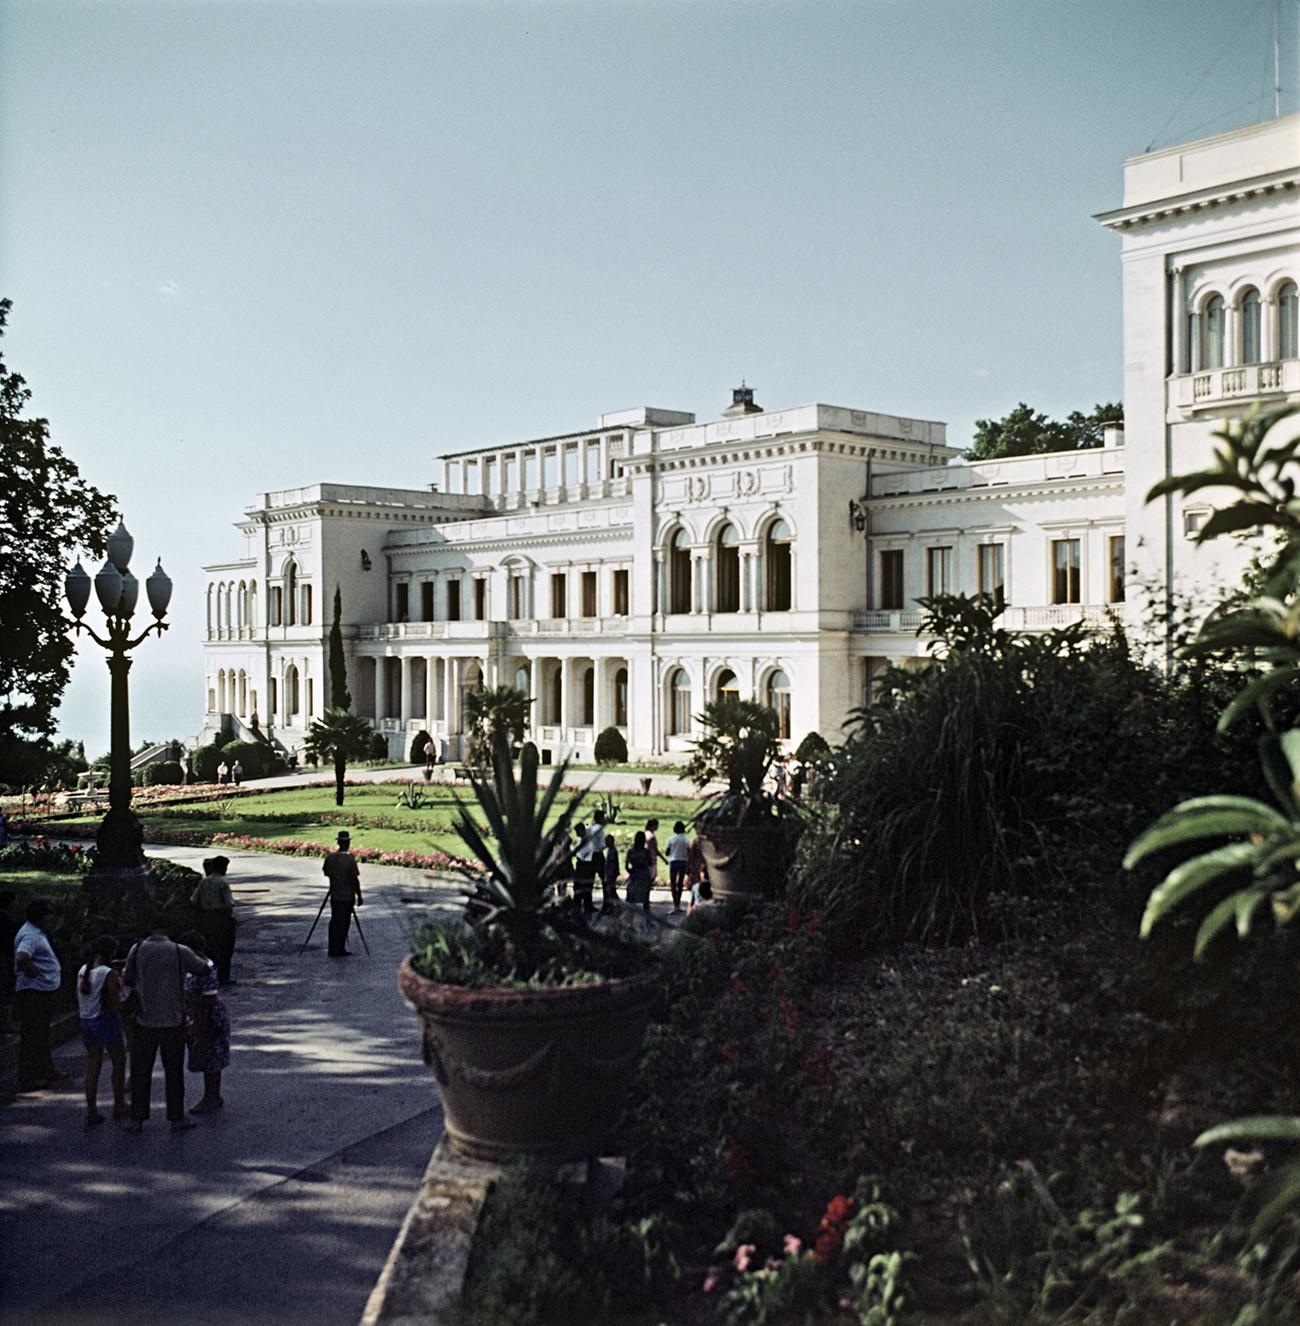 Sejak akhir Perang Dunia II hingga kematian Stalin pada 1953, istana tersebut digunakan sebagai dacha bagi para pejabat negara.